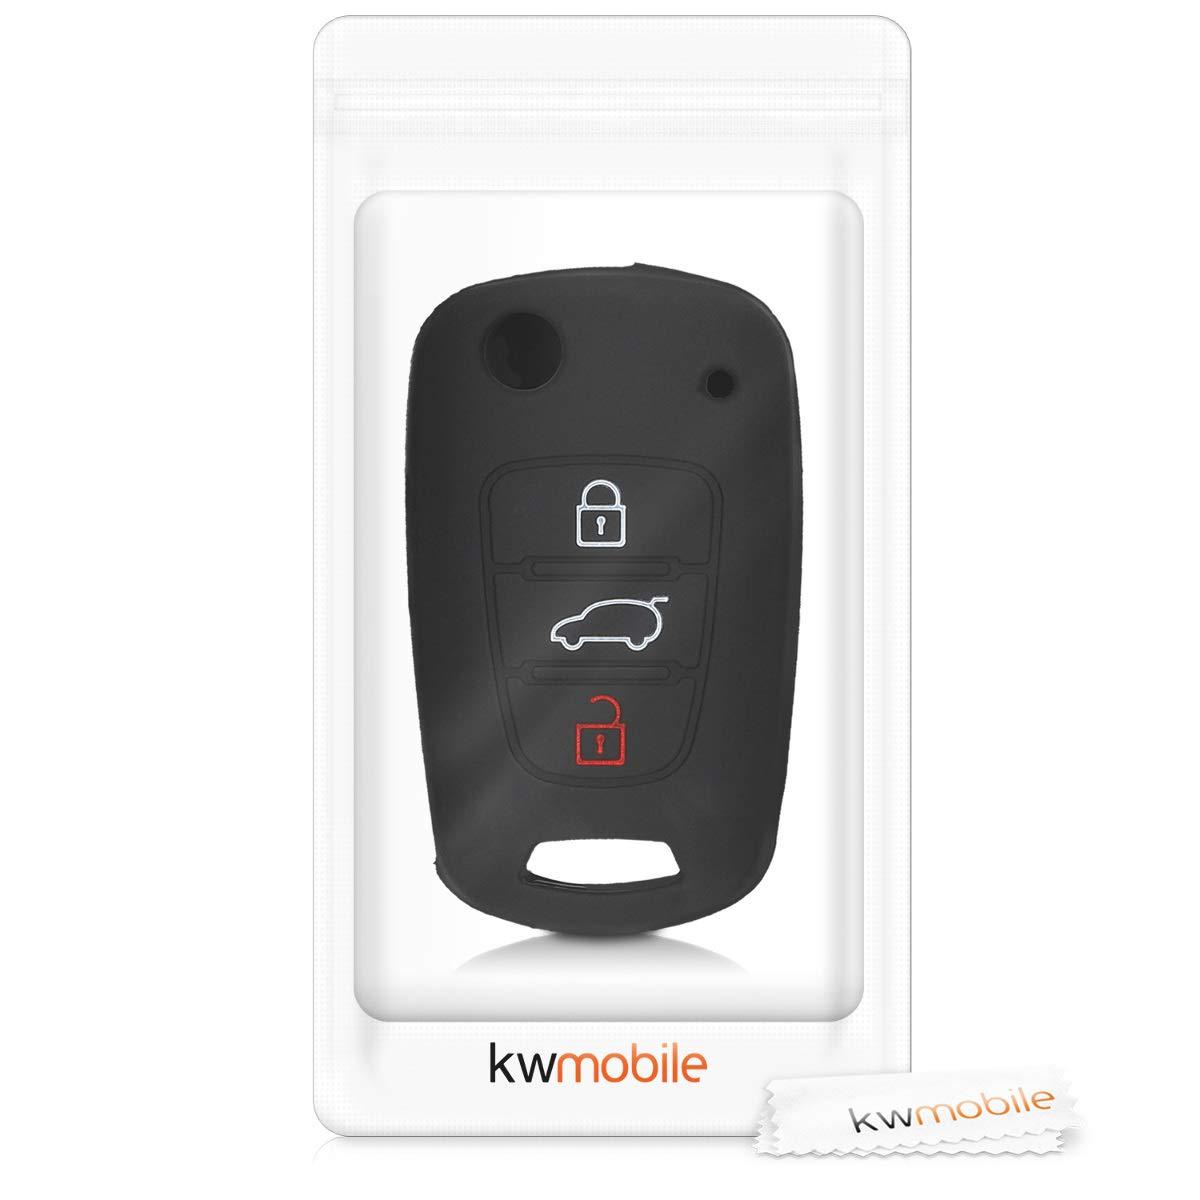 /Étui de Protection Souple Coque pour Clef de Voiture Pliable Hyundai 3-Bouton en Silicone Rouge-Noir kwmobile Accessoire cl/é de Voiture pour Hyundai